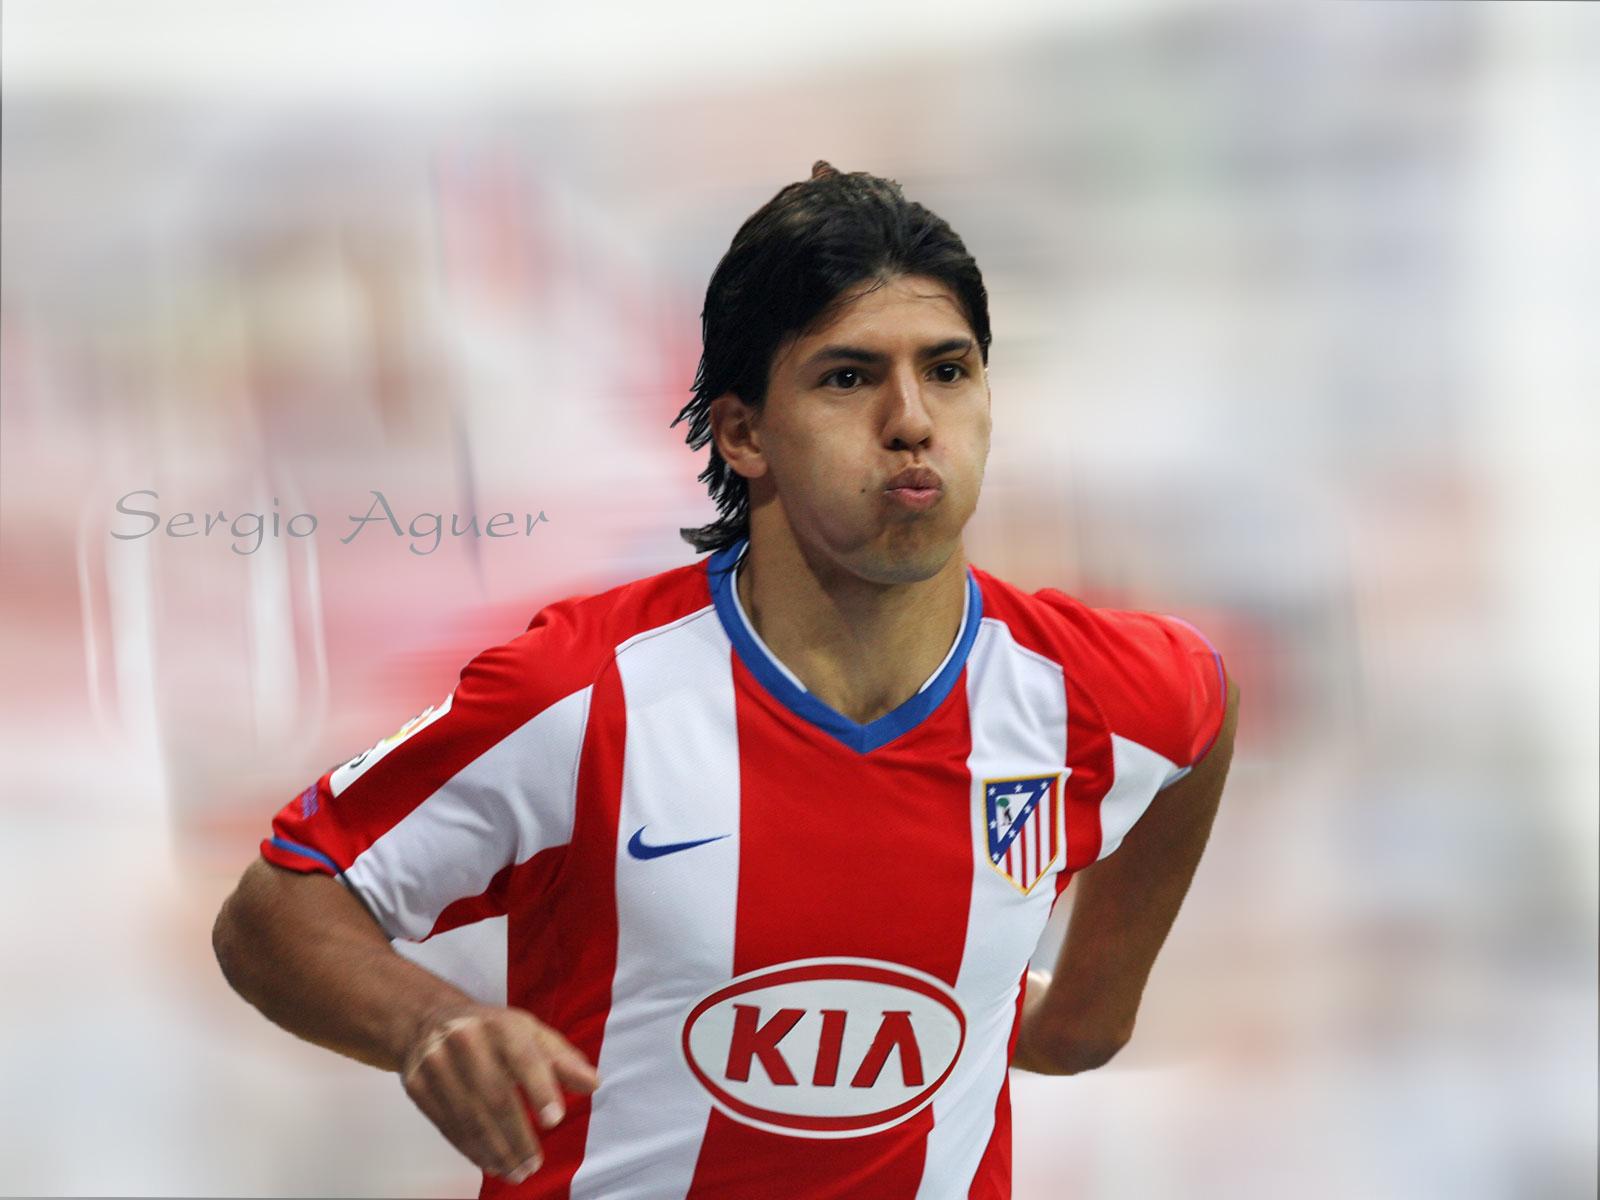 http://1.bp.blogspot.com/-NKBlp55vfDY/TcfR17rdZMI/AAAAAAAACHc/6doFRN-Ezw0/s1600/Sergio+Aguero+Football+Wallpaper.jpg